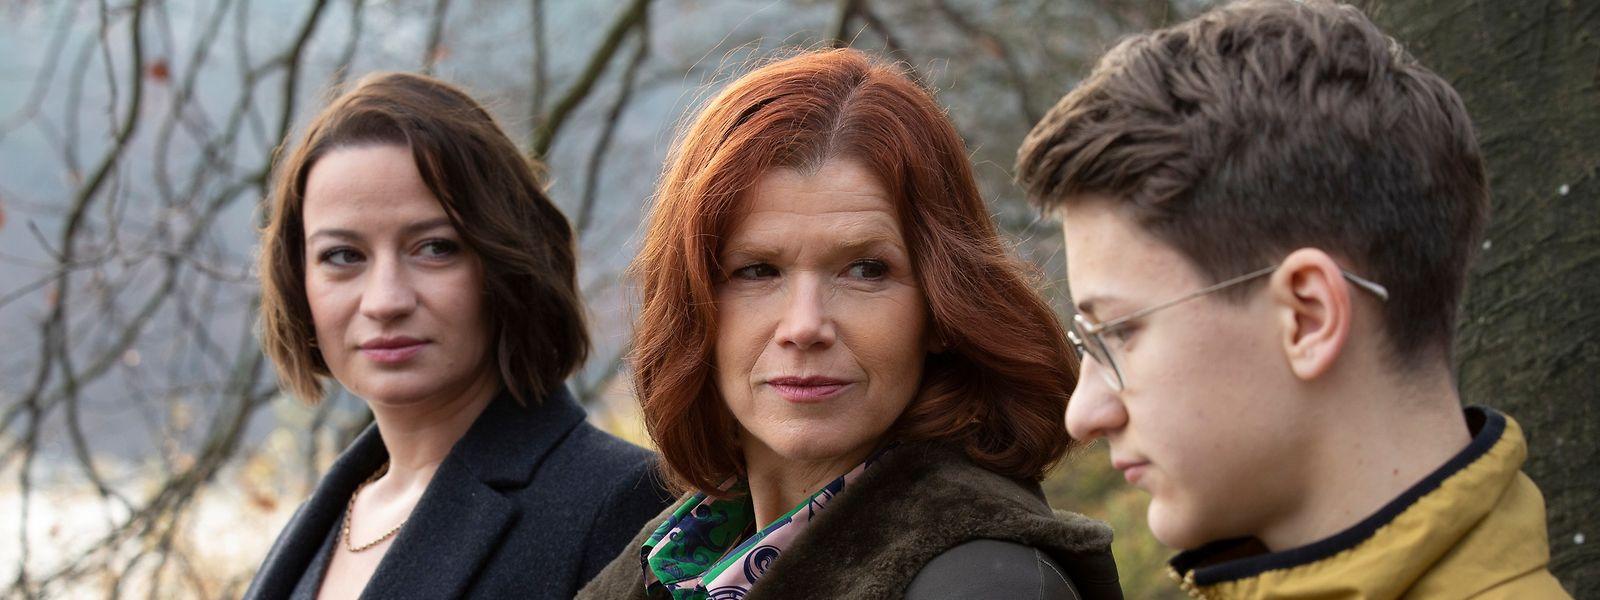 Anke Engelke als trauernde Witwe (M.) inmitten ihrer Schauspielkollegen Nina Gummich und Juri Winkler.